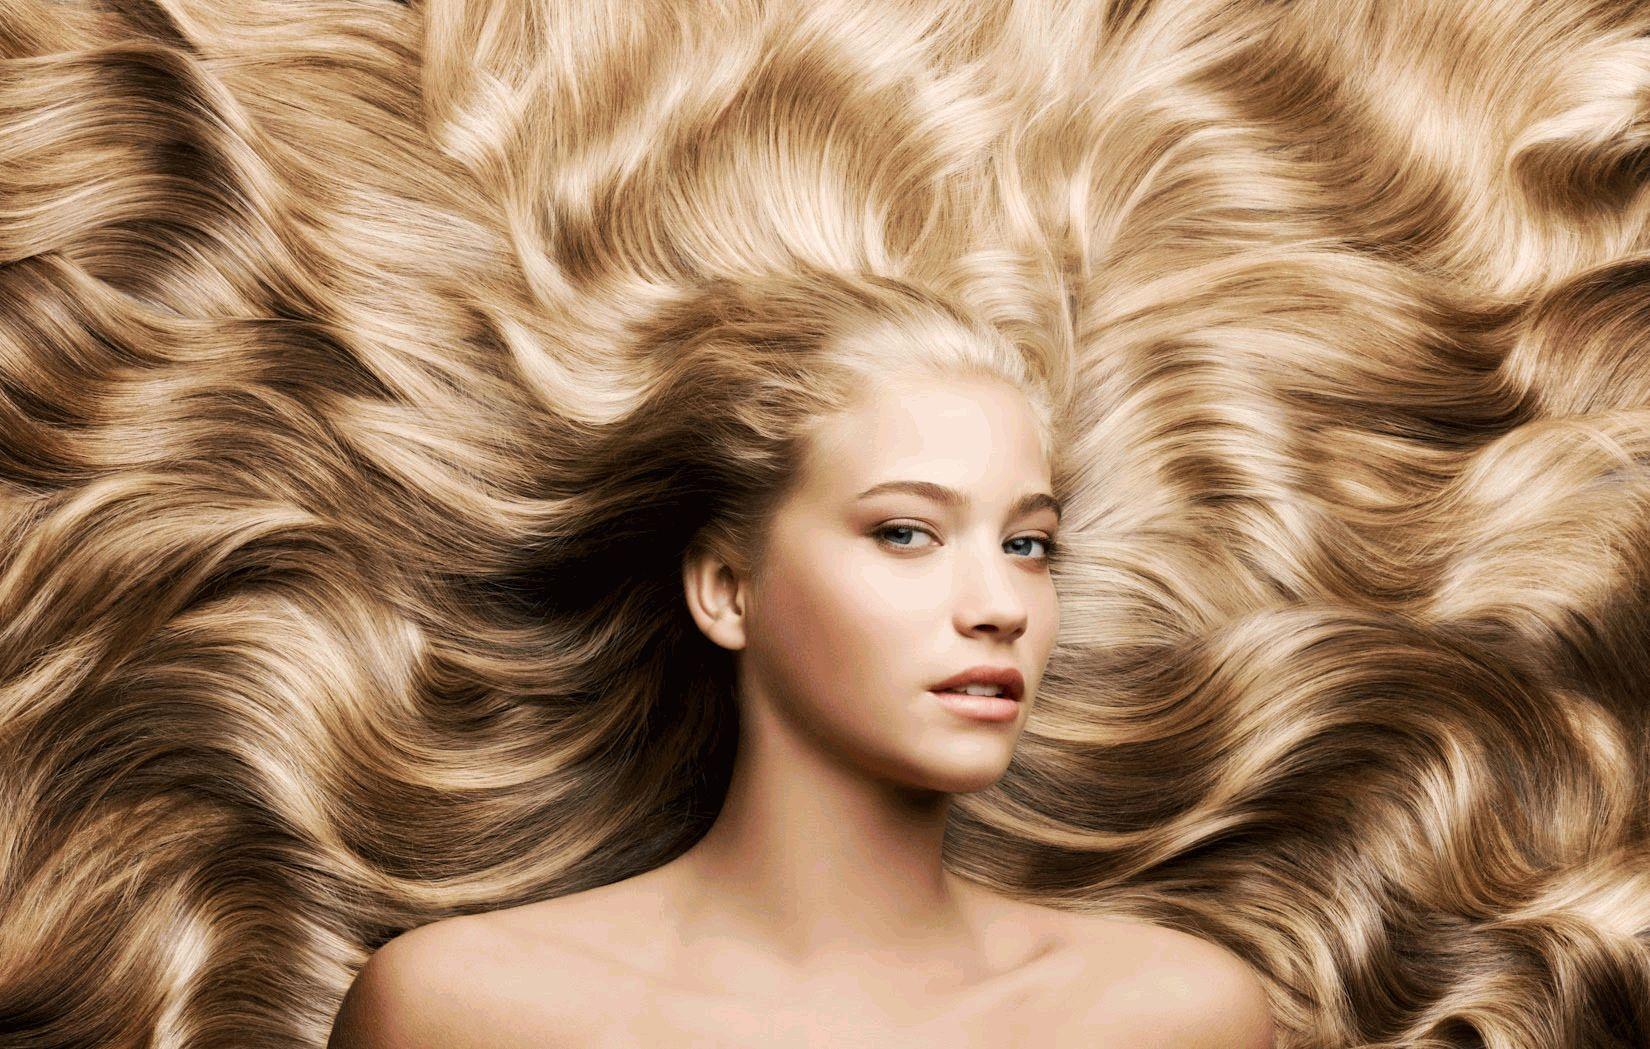 Народные средства против выпадения волос касторовое масло